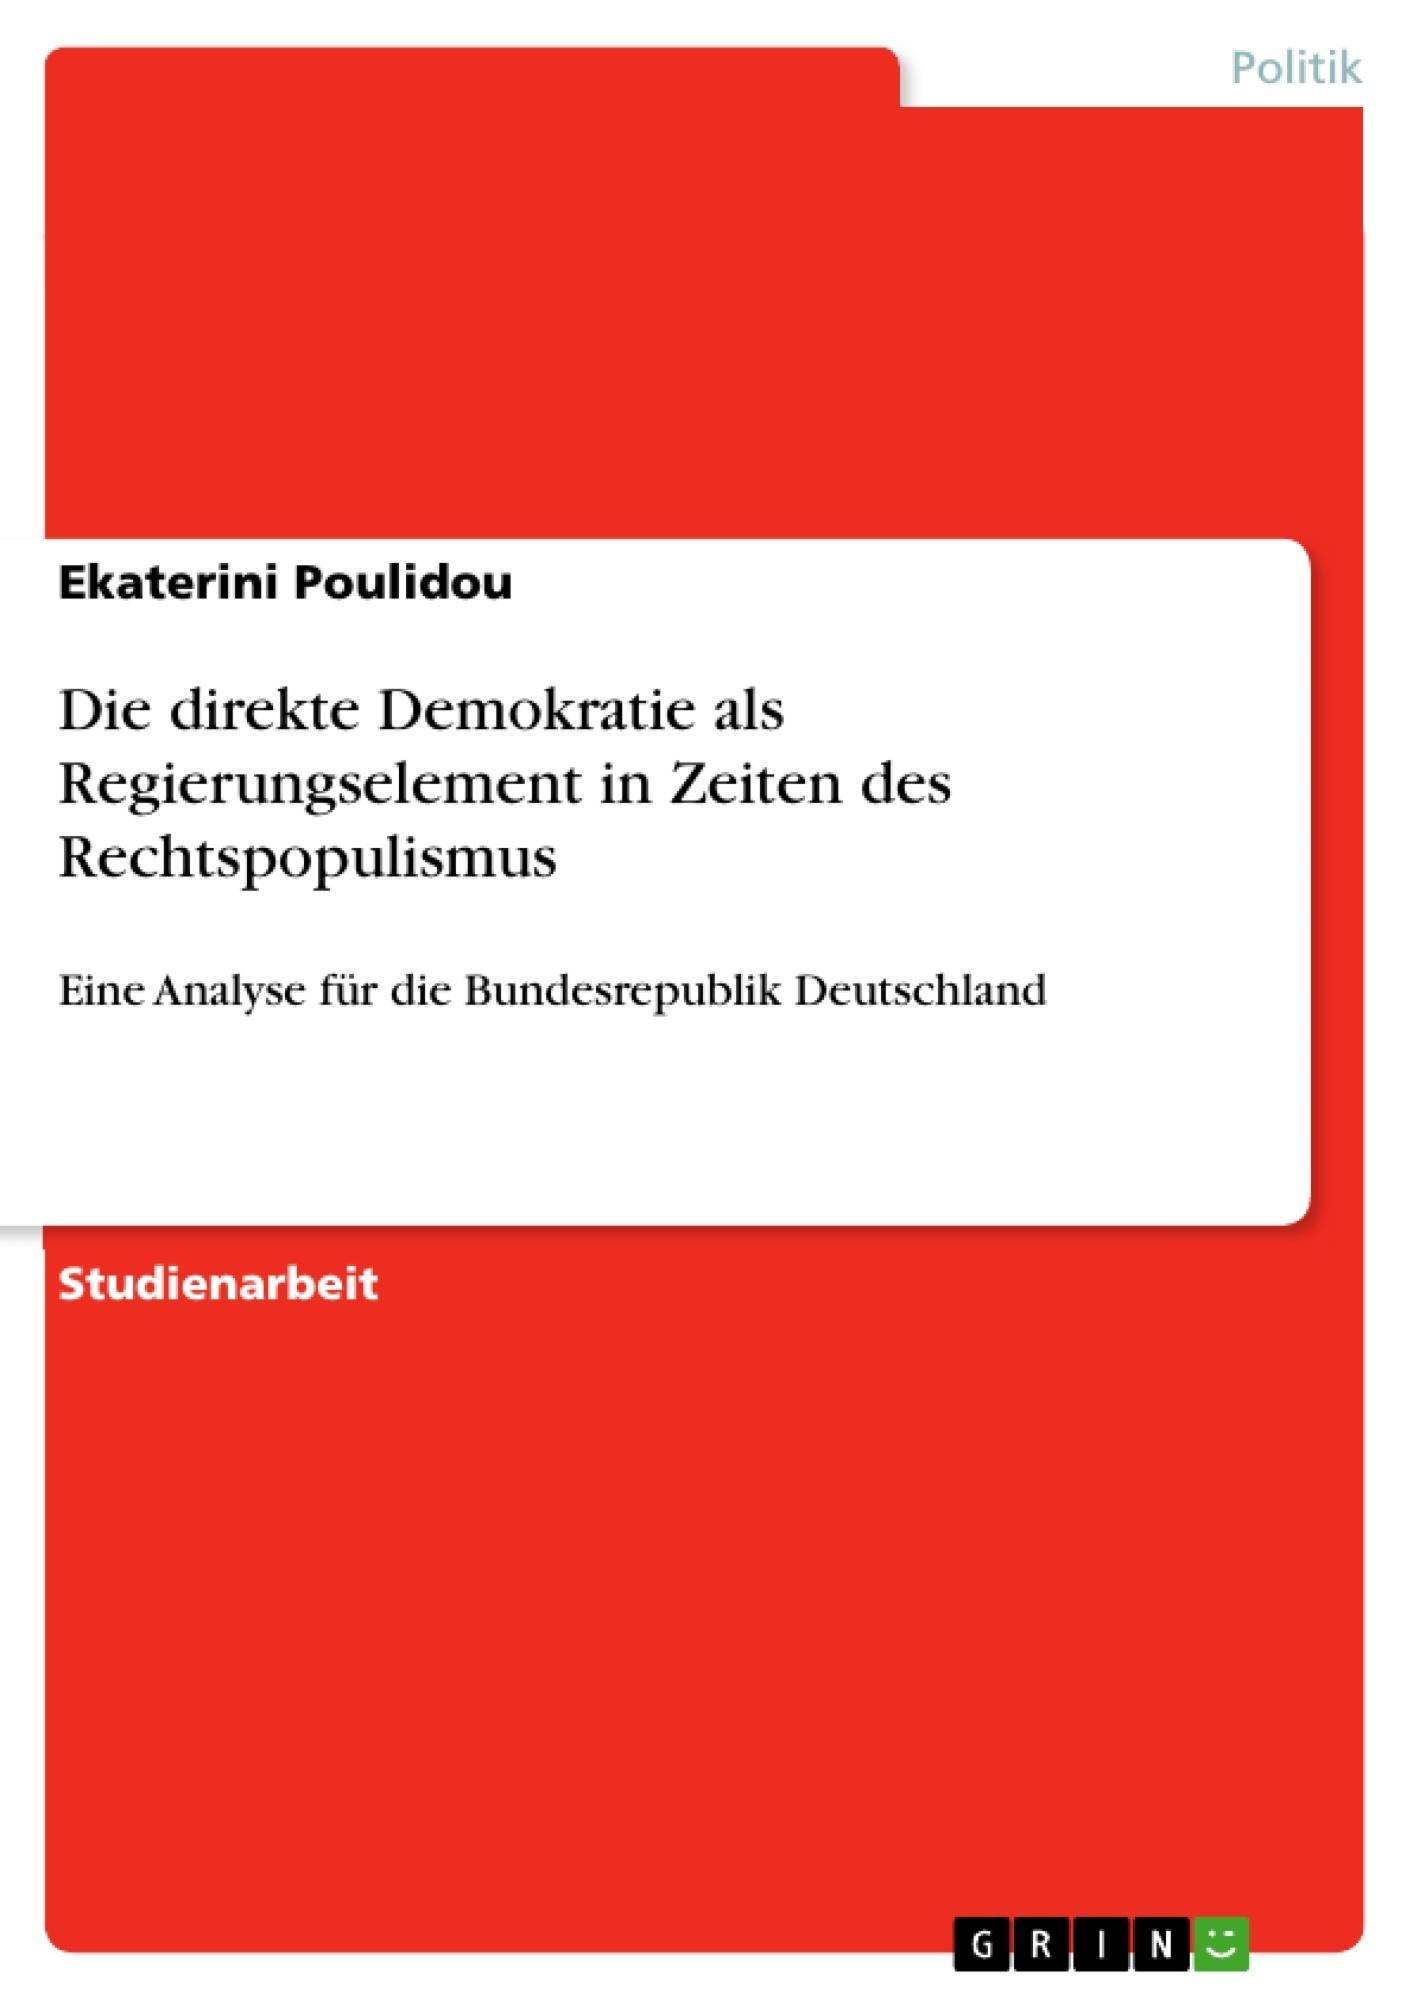 Titel: Die direkte Demokratie als Regierungselement in Zeiten des Rechtspopulismus